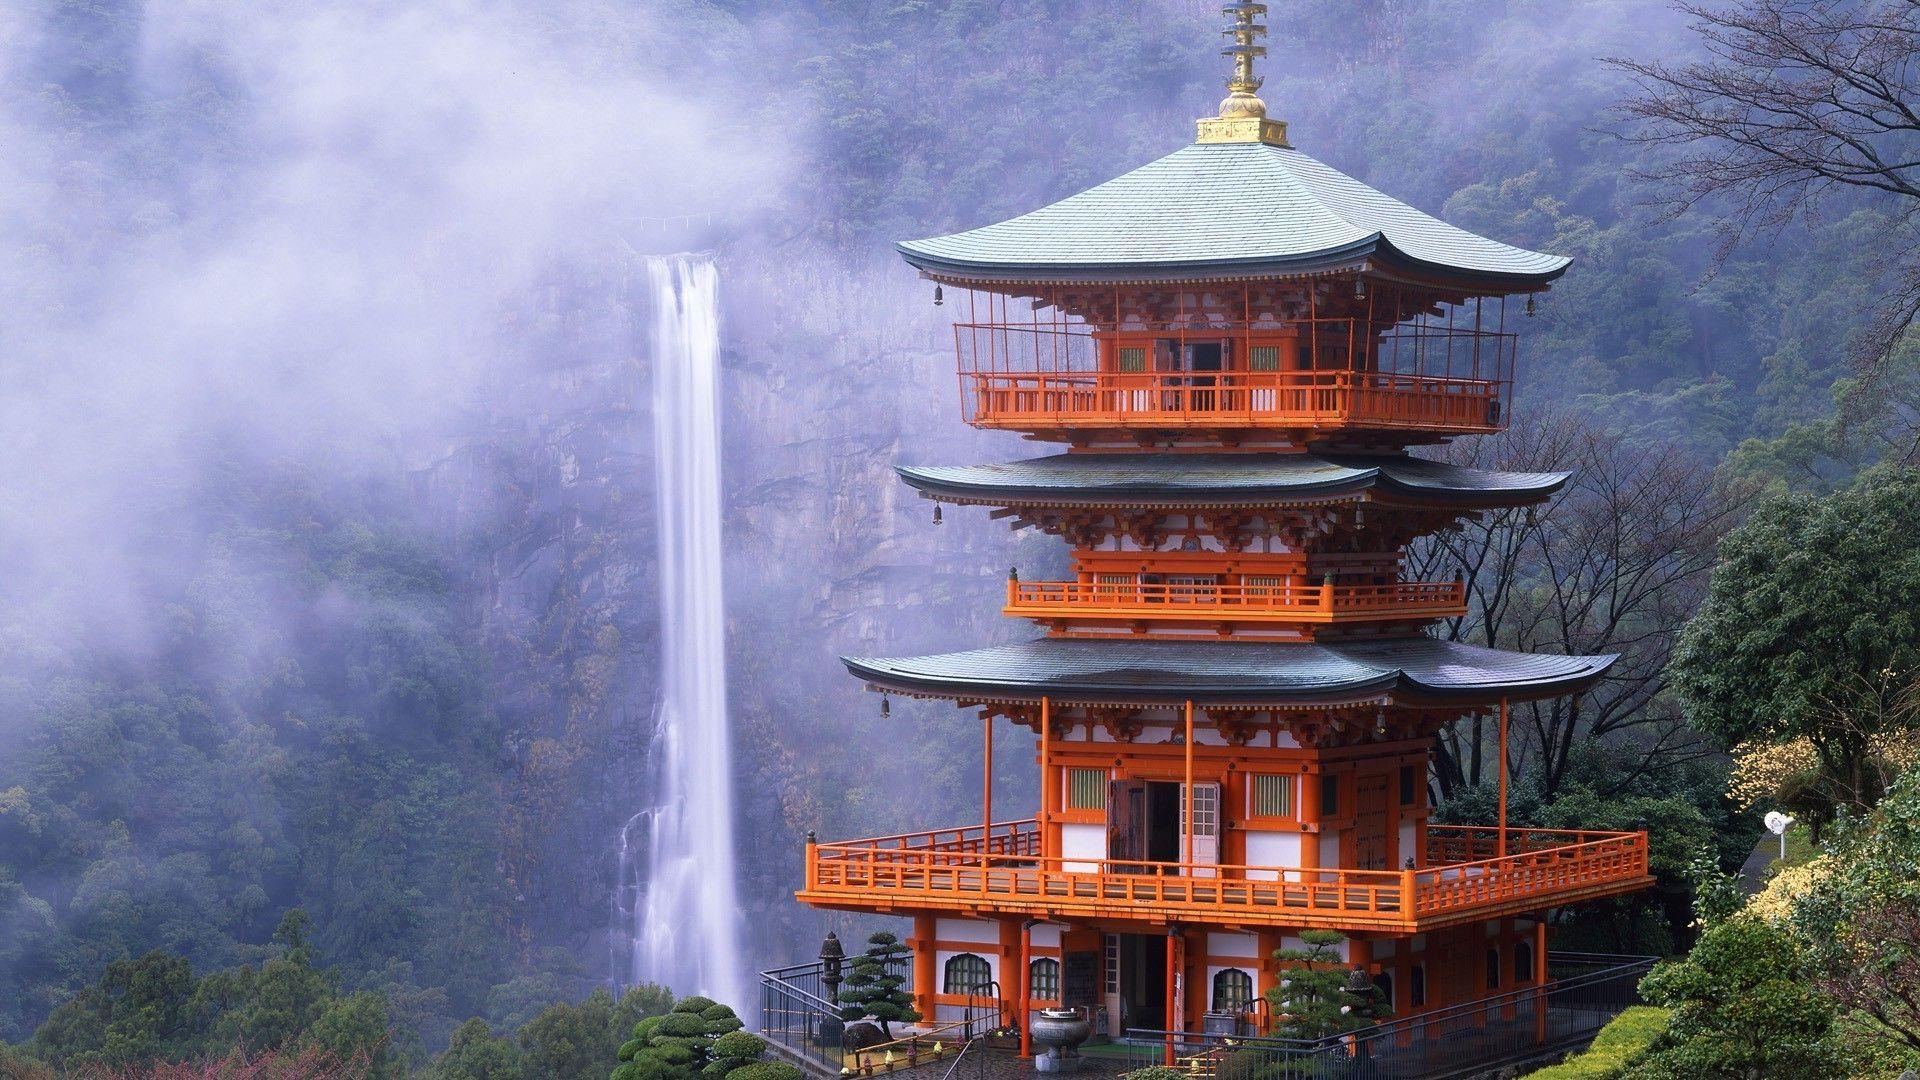 Pagoda Image